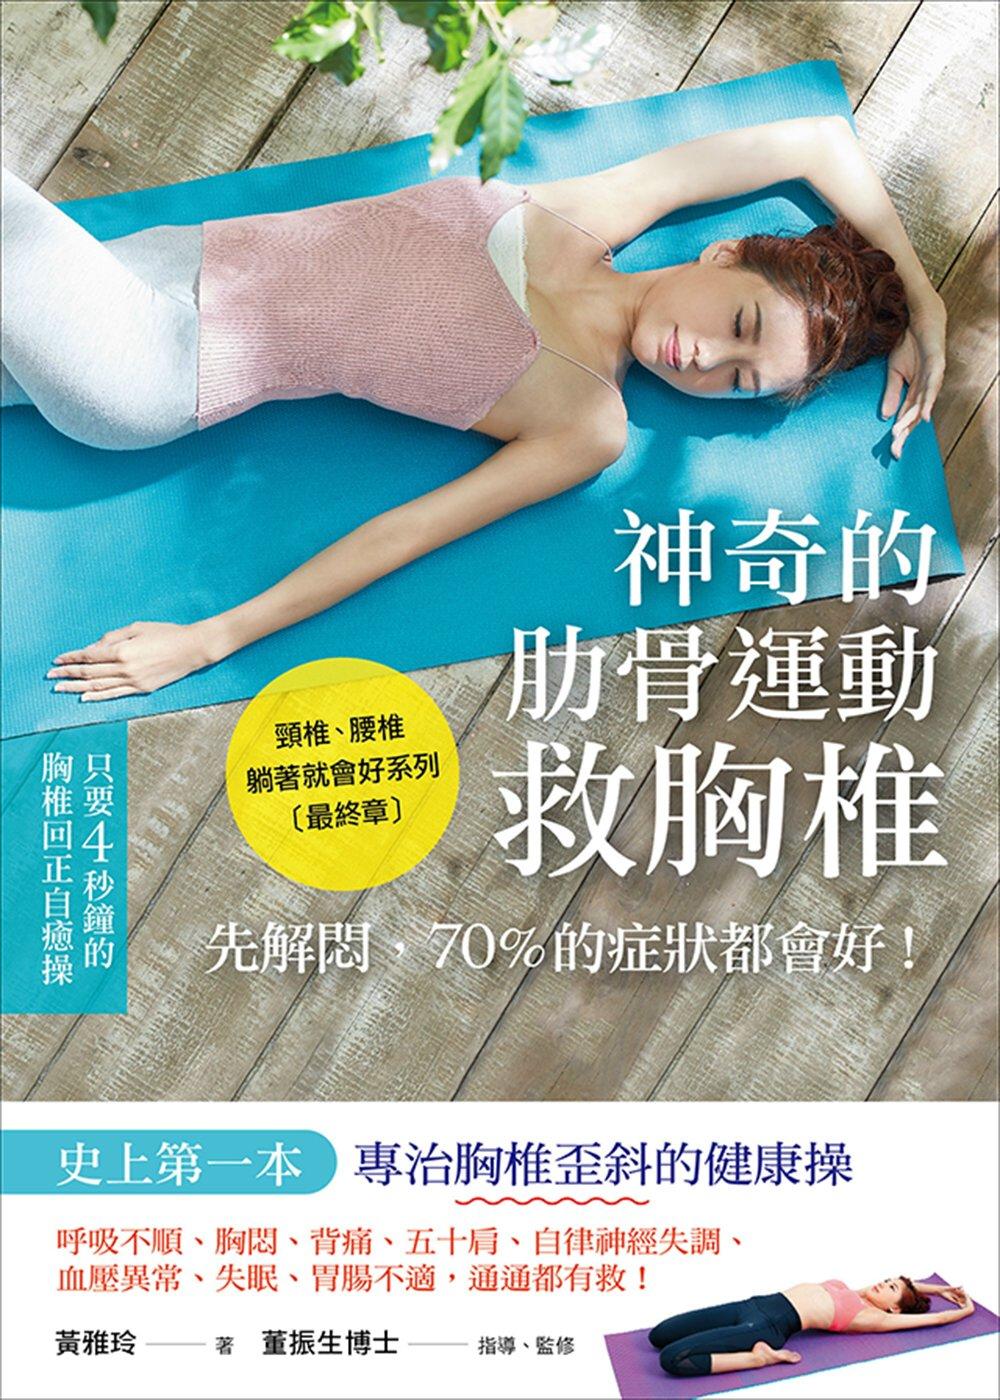 ◤博客來BOOKS◢ 暢銷書榜《推薦》神奇的肋骨運動救胸椎:呼吸不順、胸悶、背痛、五十肩,自律神經失調、血壓異常、失眠、腸胃不適,通通都有救!